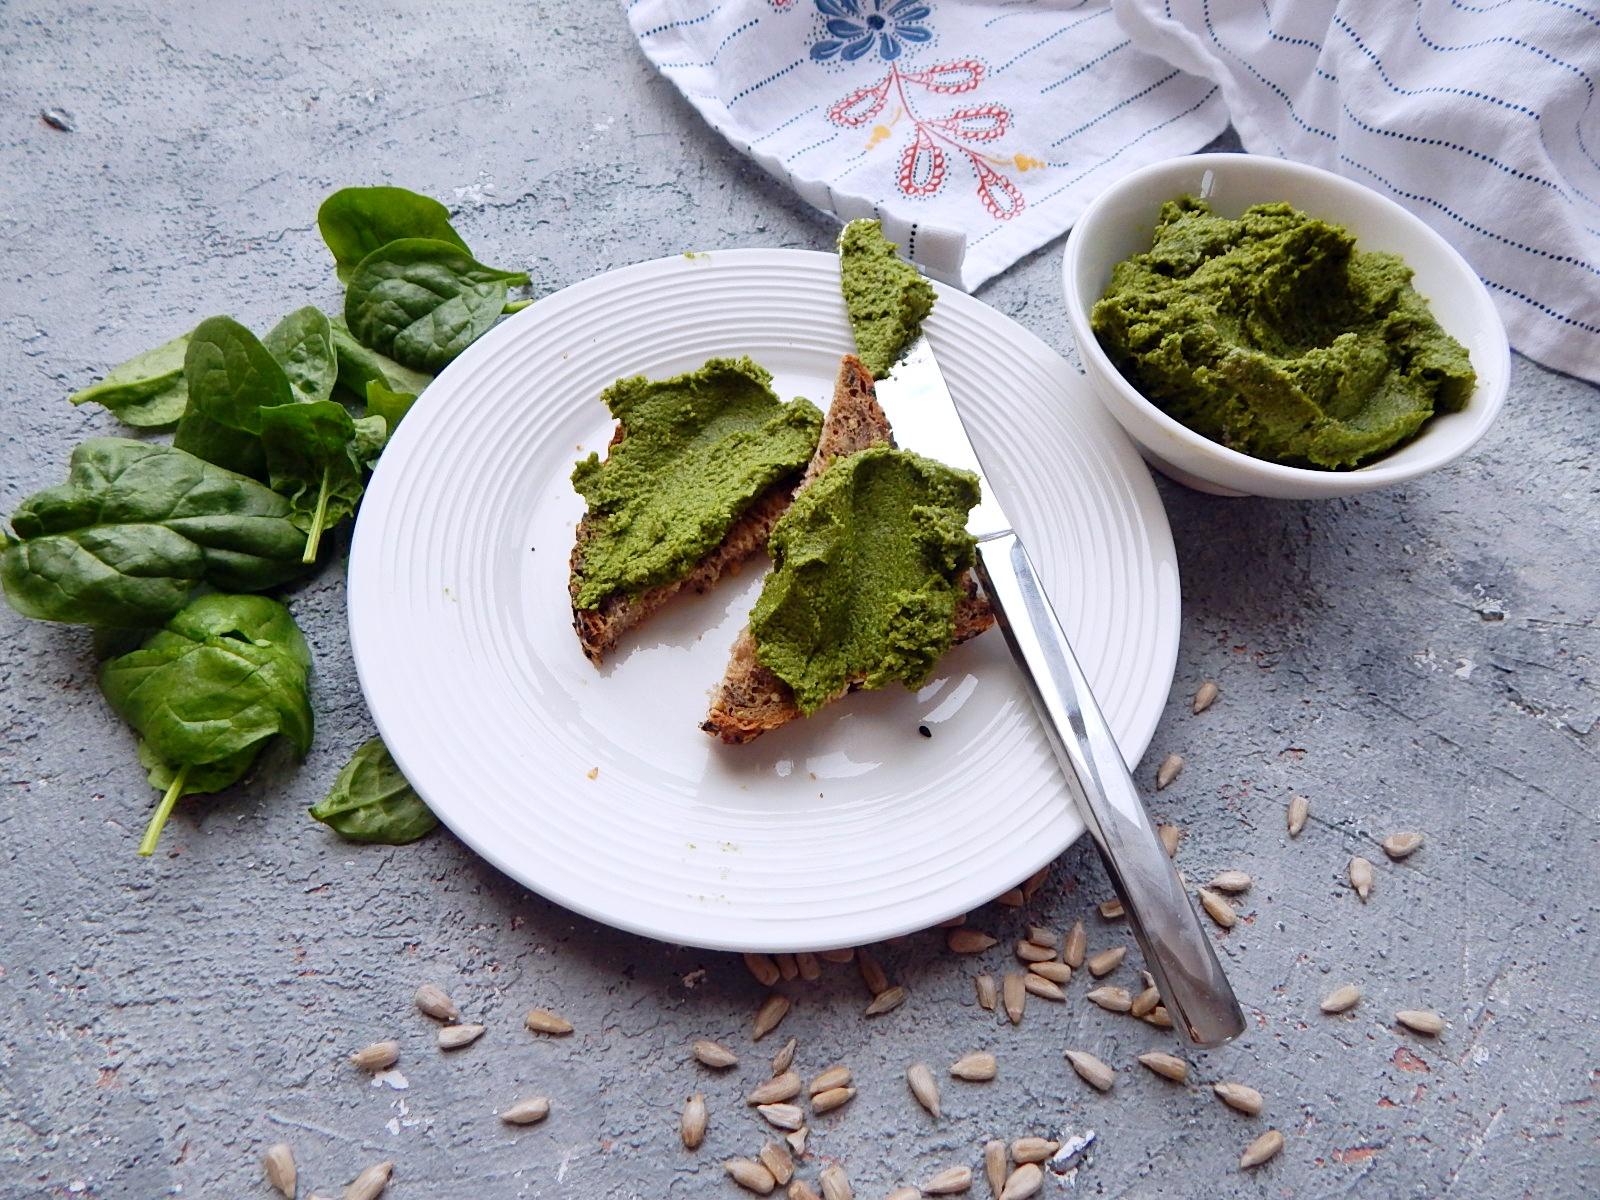 pesto ze szpinaku - zdrowe odżywianie